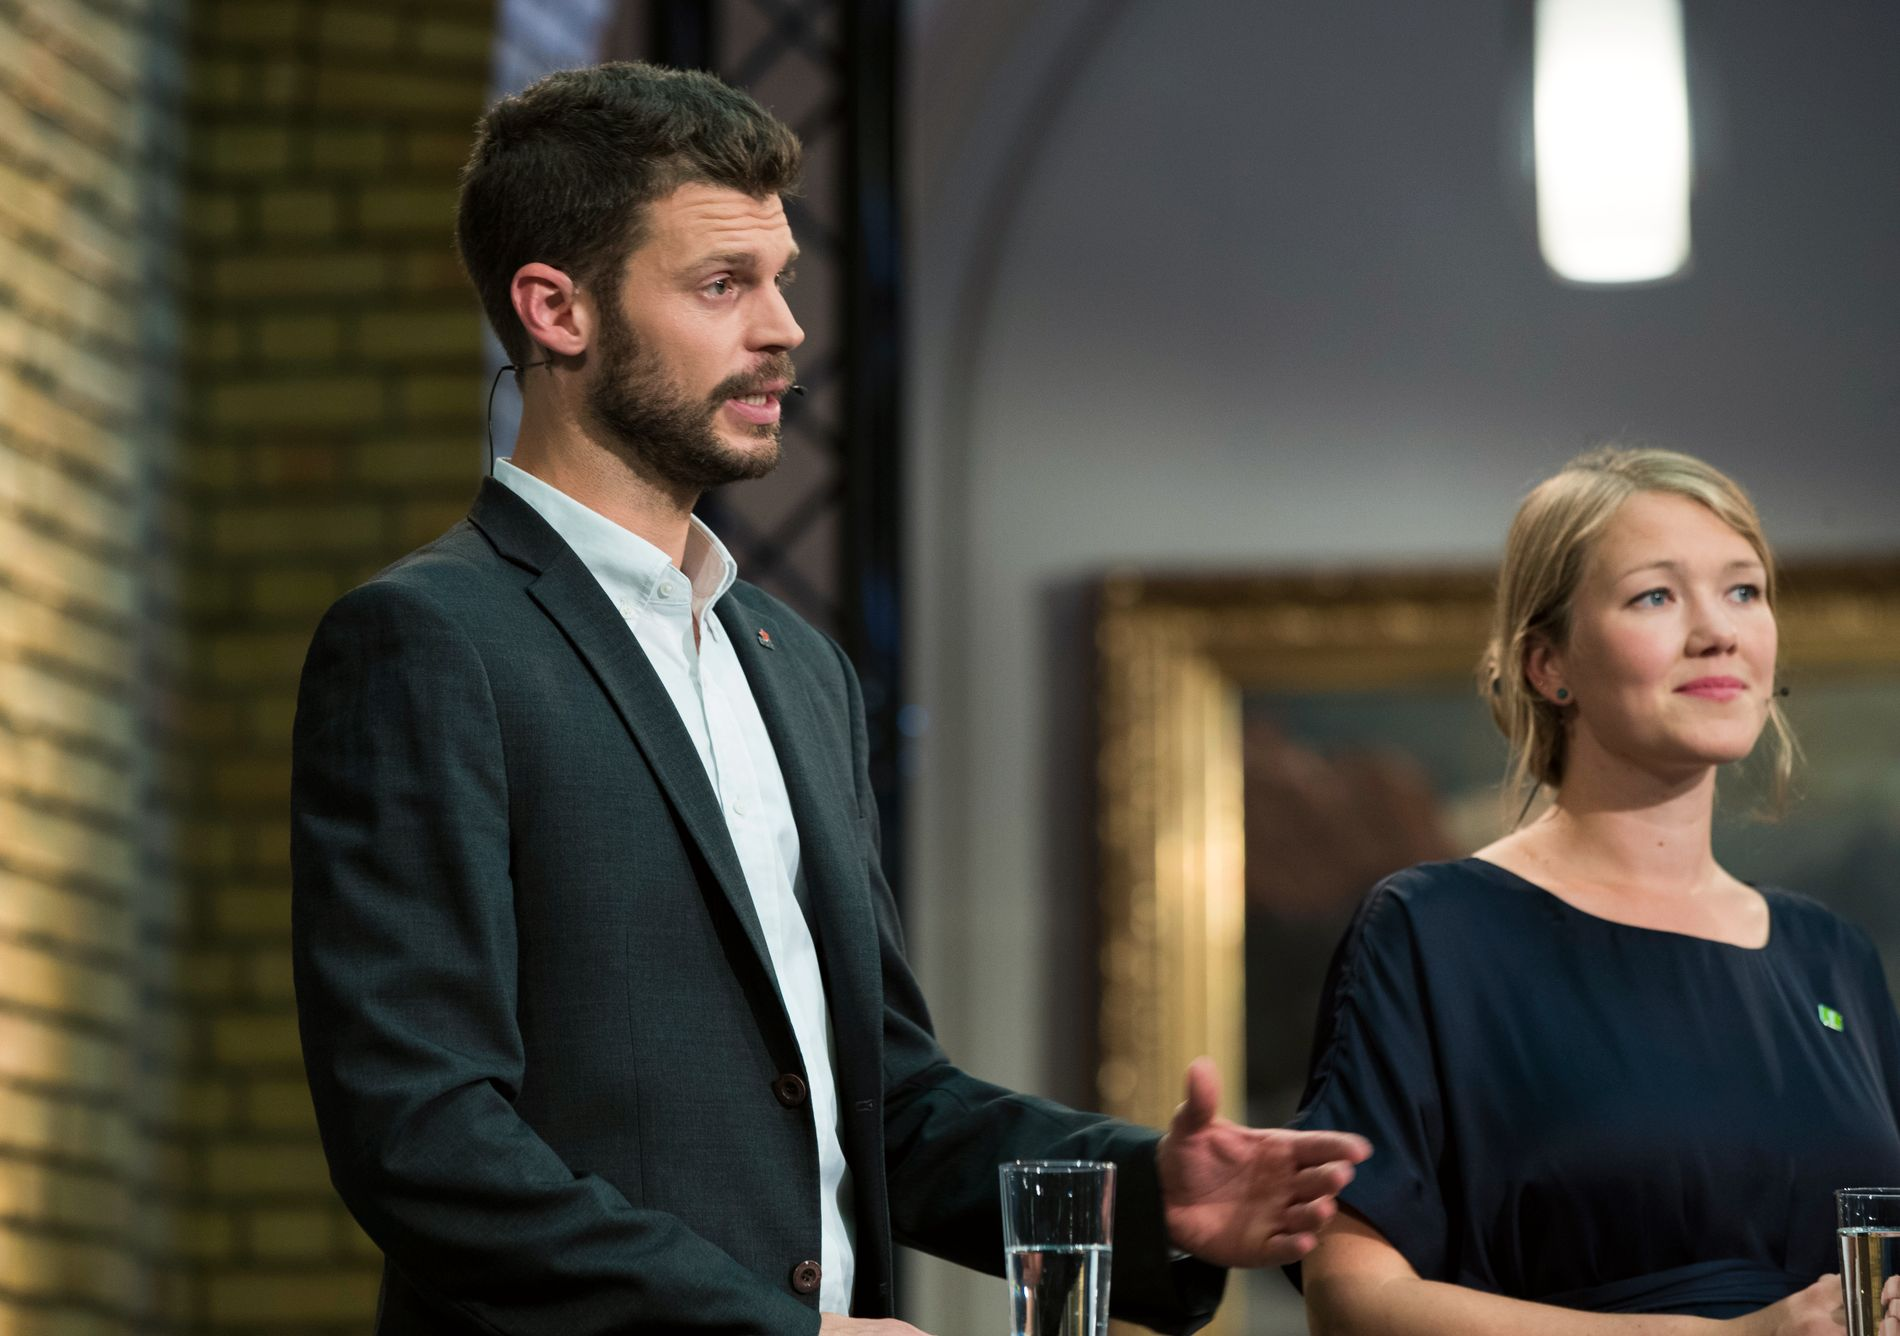 TINGFOLK: Bjørnar Moxnes (Raudt) og Une Aina Bastholm (MDG) sit båe to på Stortinget. Heime er det småtinget som regjerer. Det må det vere mogleg å kombinere, meiner BT.